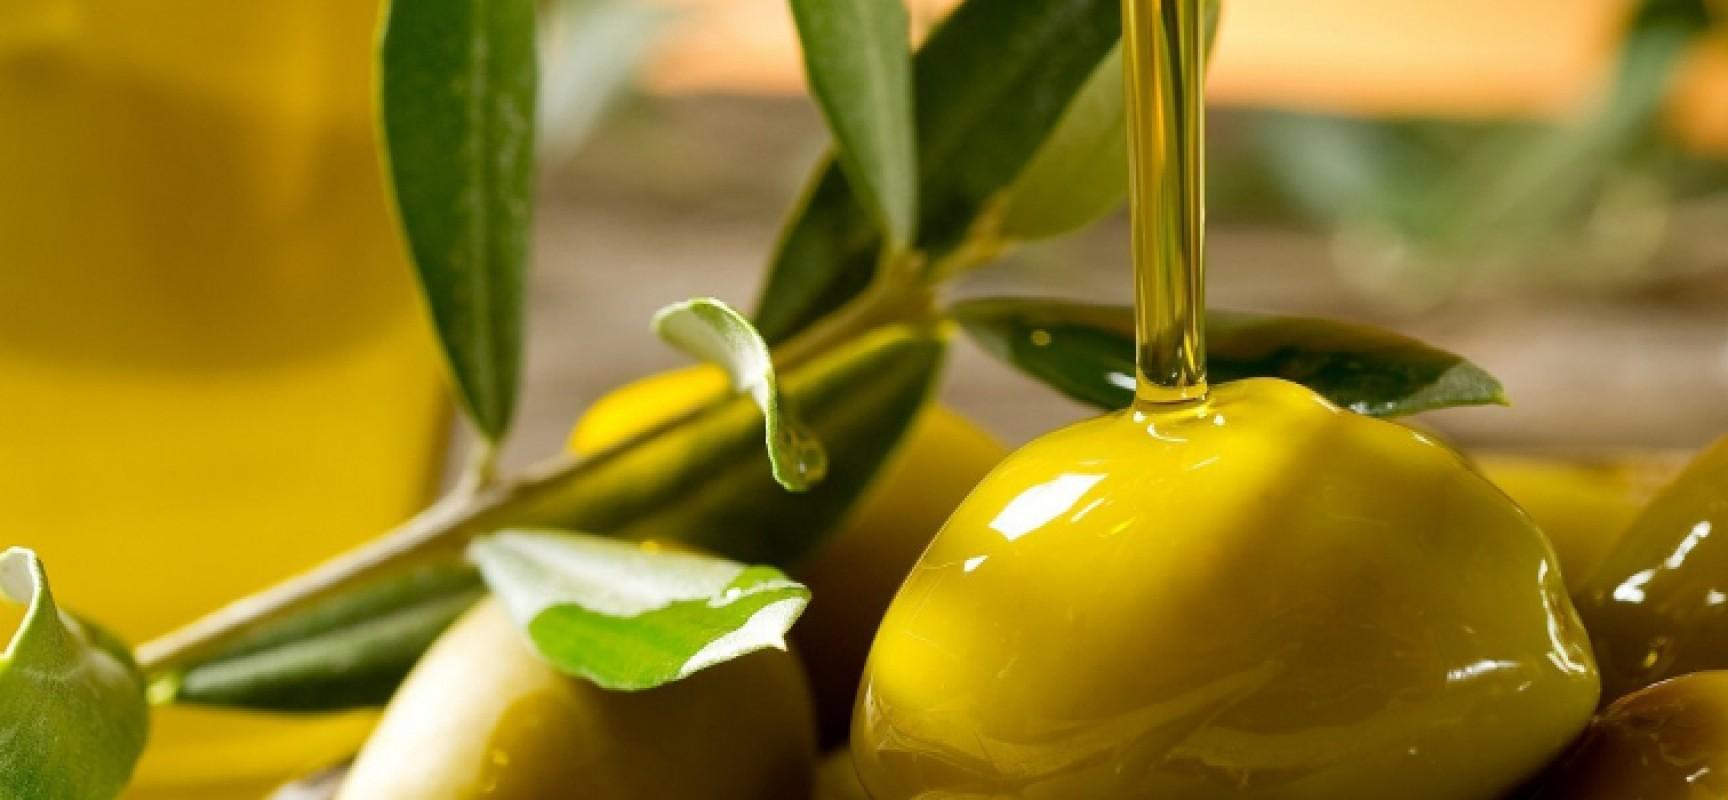 Sì del Parlamento europeo ad altre 35mila tonnellate di olio tunisino senza dazi